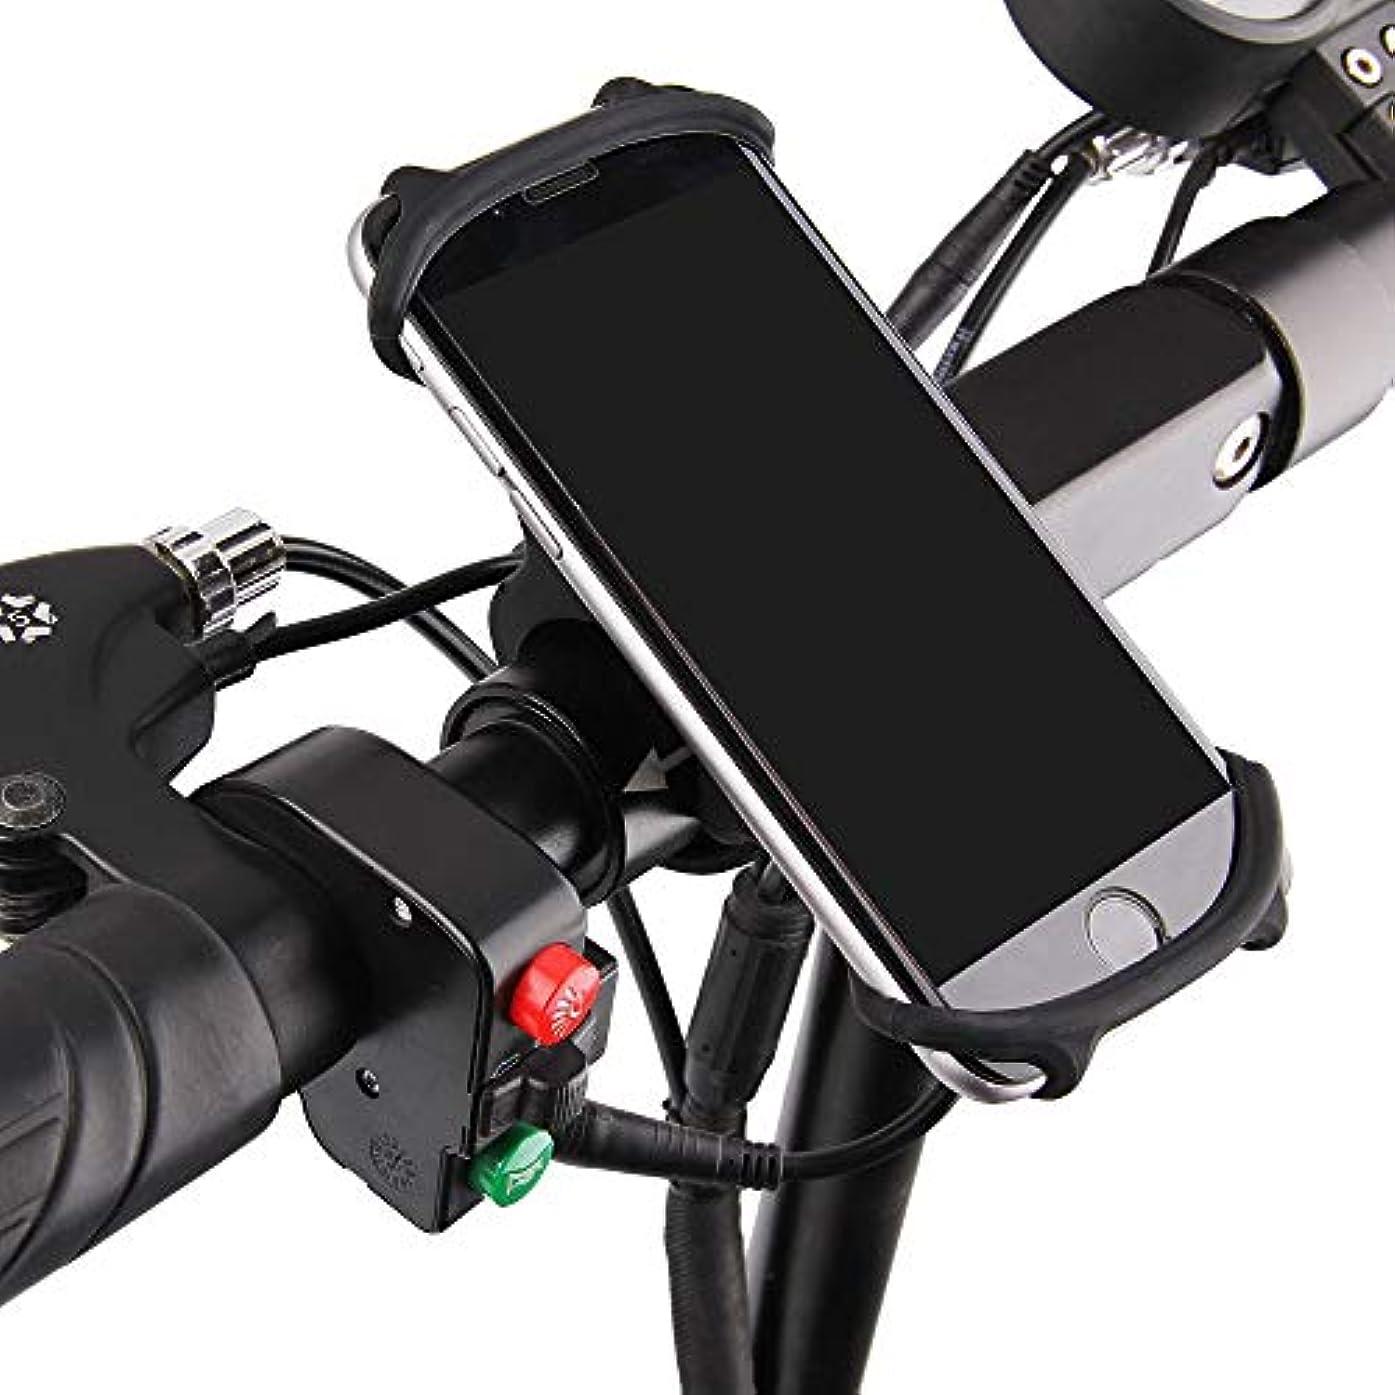 章本土亡命HANERDUN スマホホルダー 自転車ホルダー 自転車スマホホルダー 携帯 シリコン製 自転車 バイク用スタンド 多機種対応